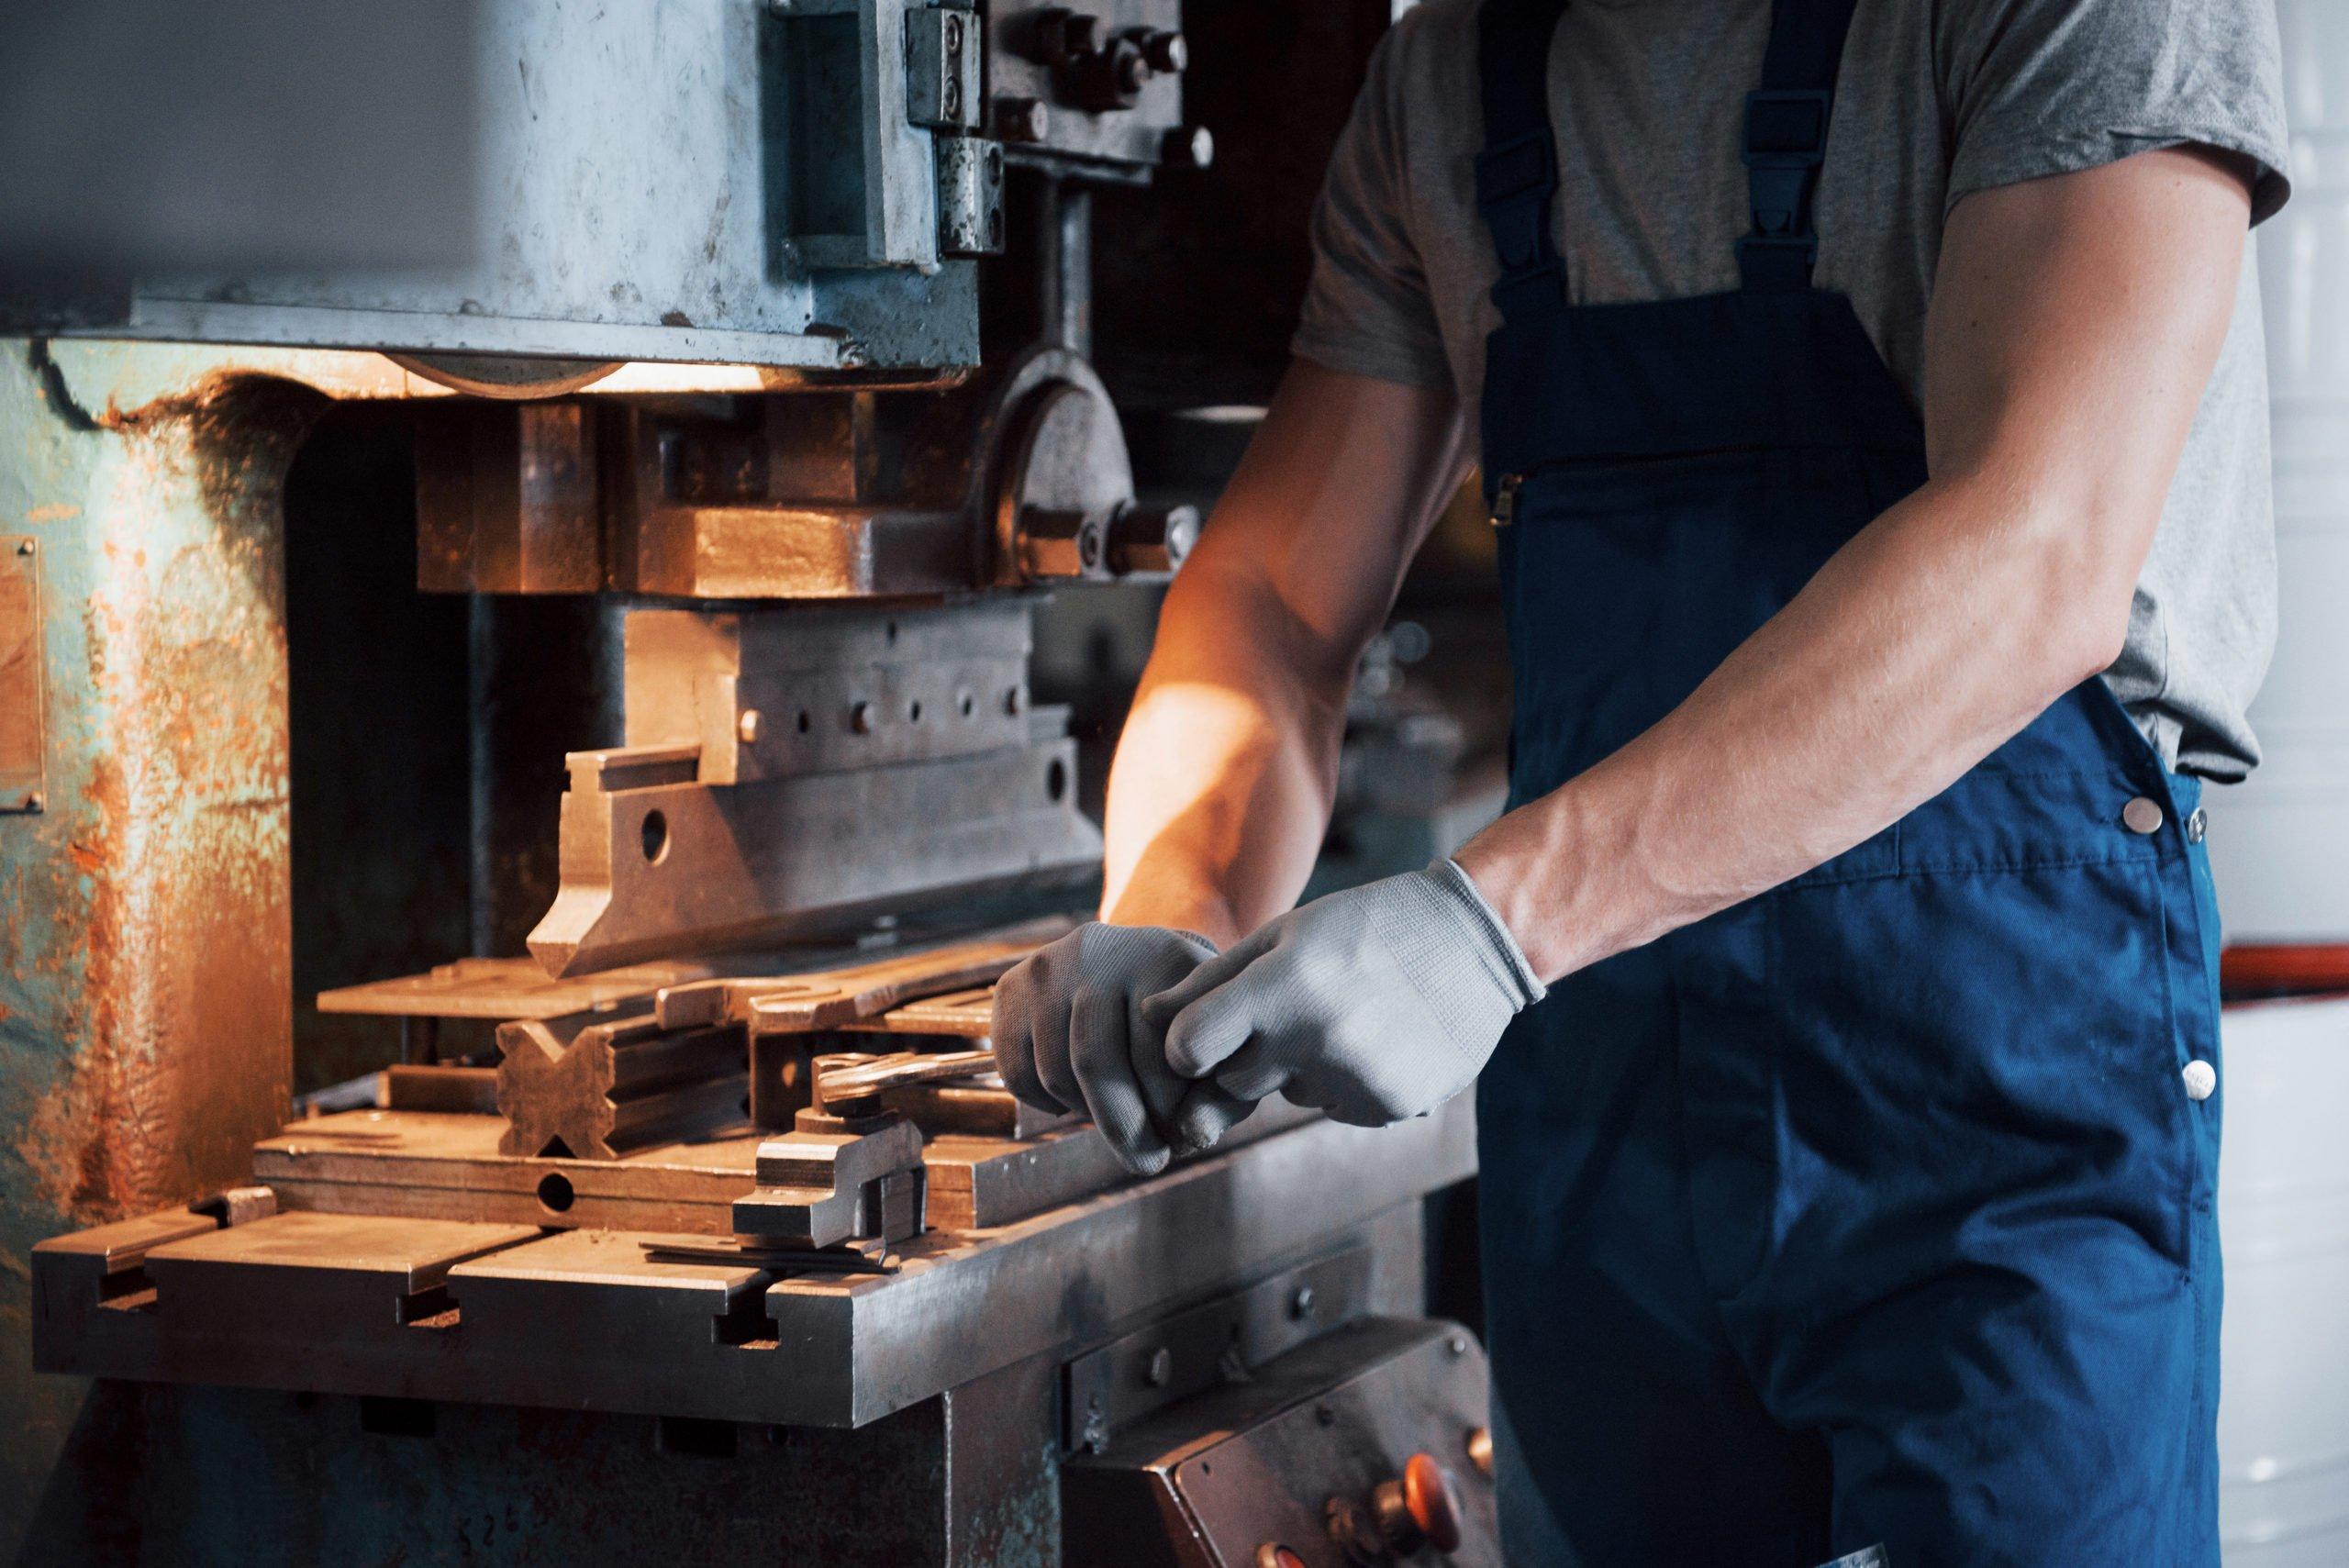 trabajador utilizando una maquina en su trabajo